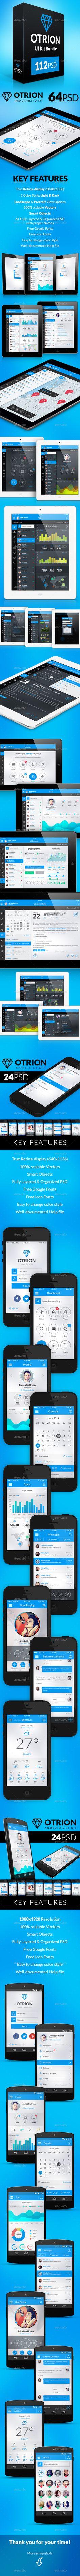 Otrion UI Kit Bundle